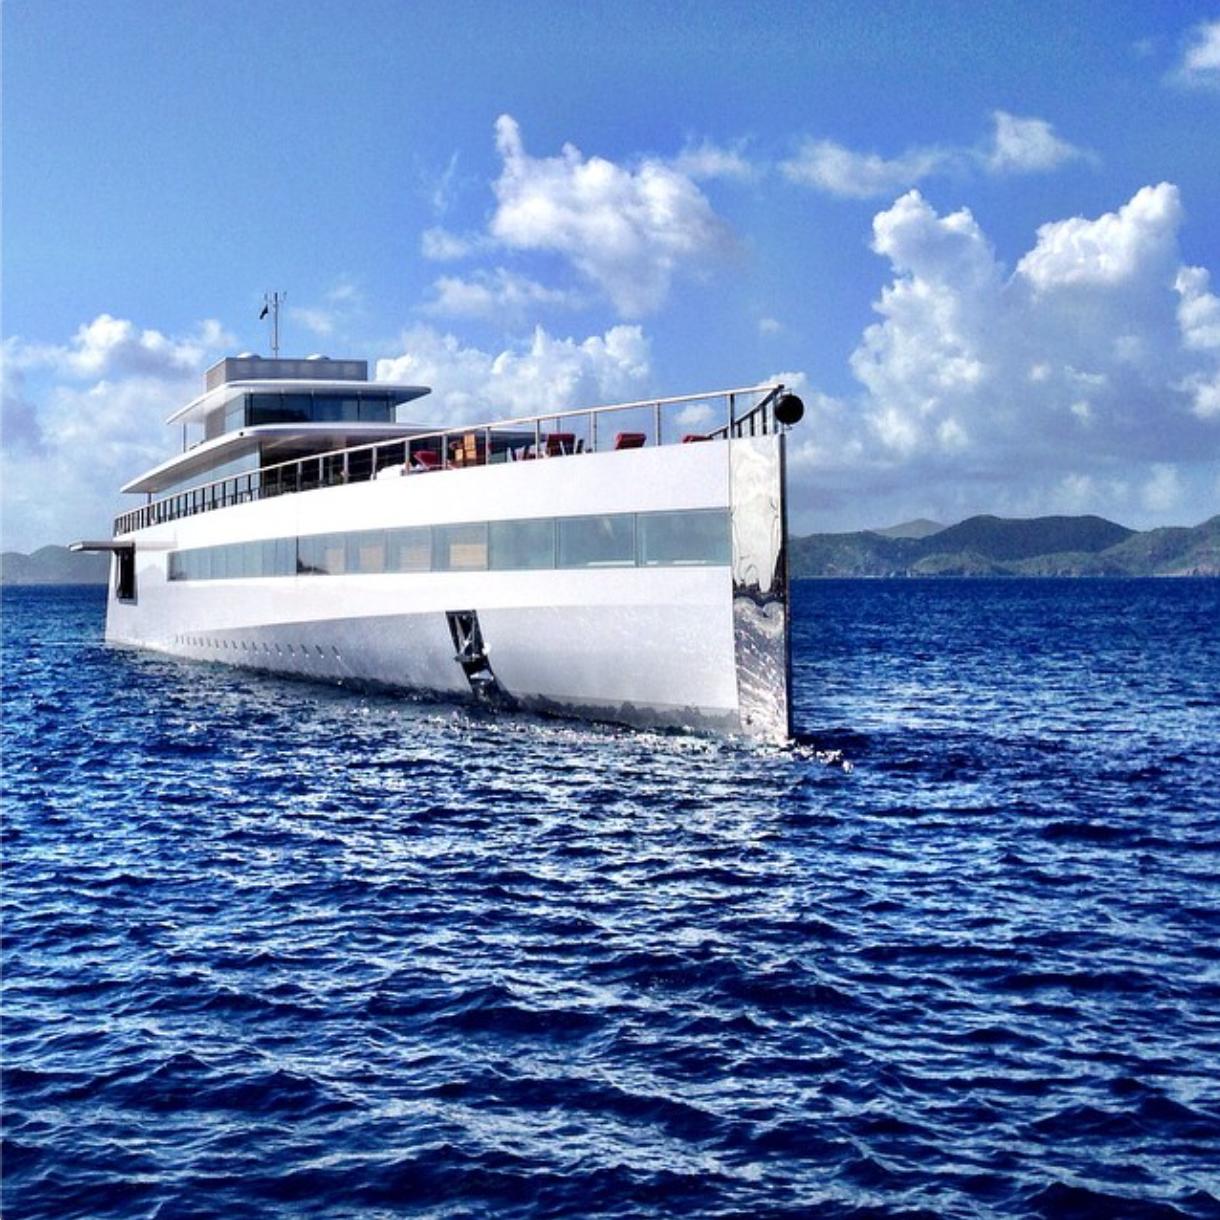 First peek into Steve Jobs' luxury yacht interior